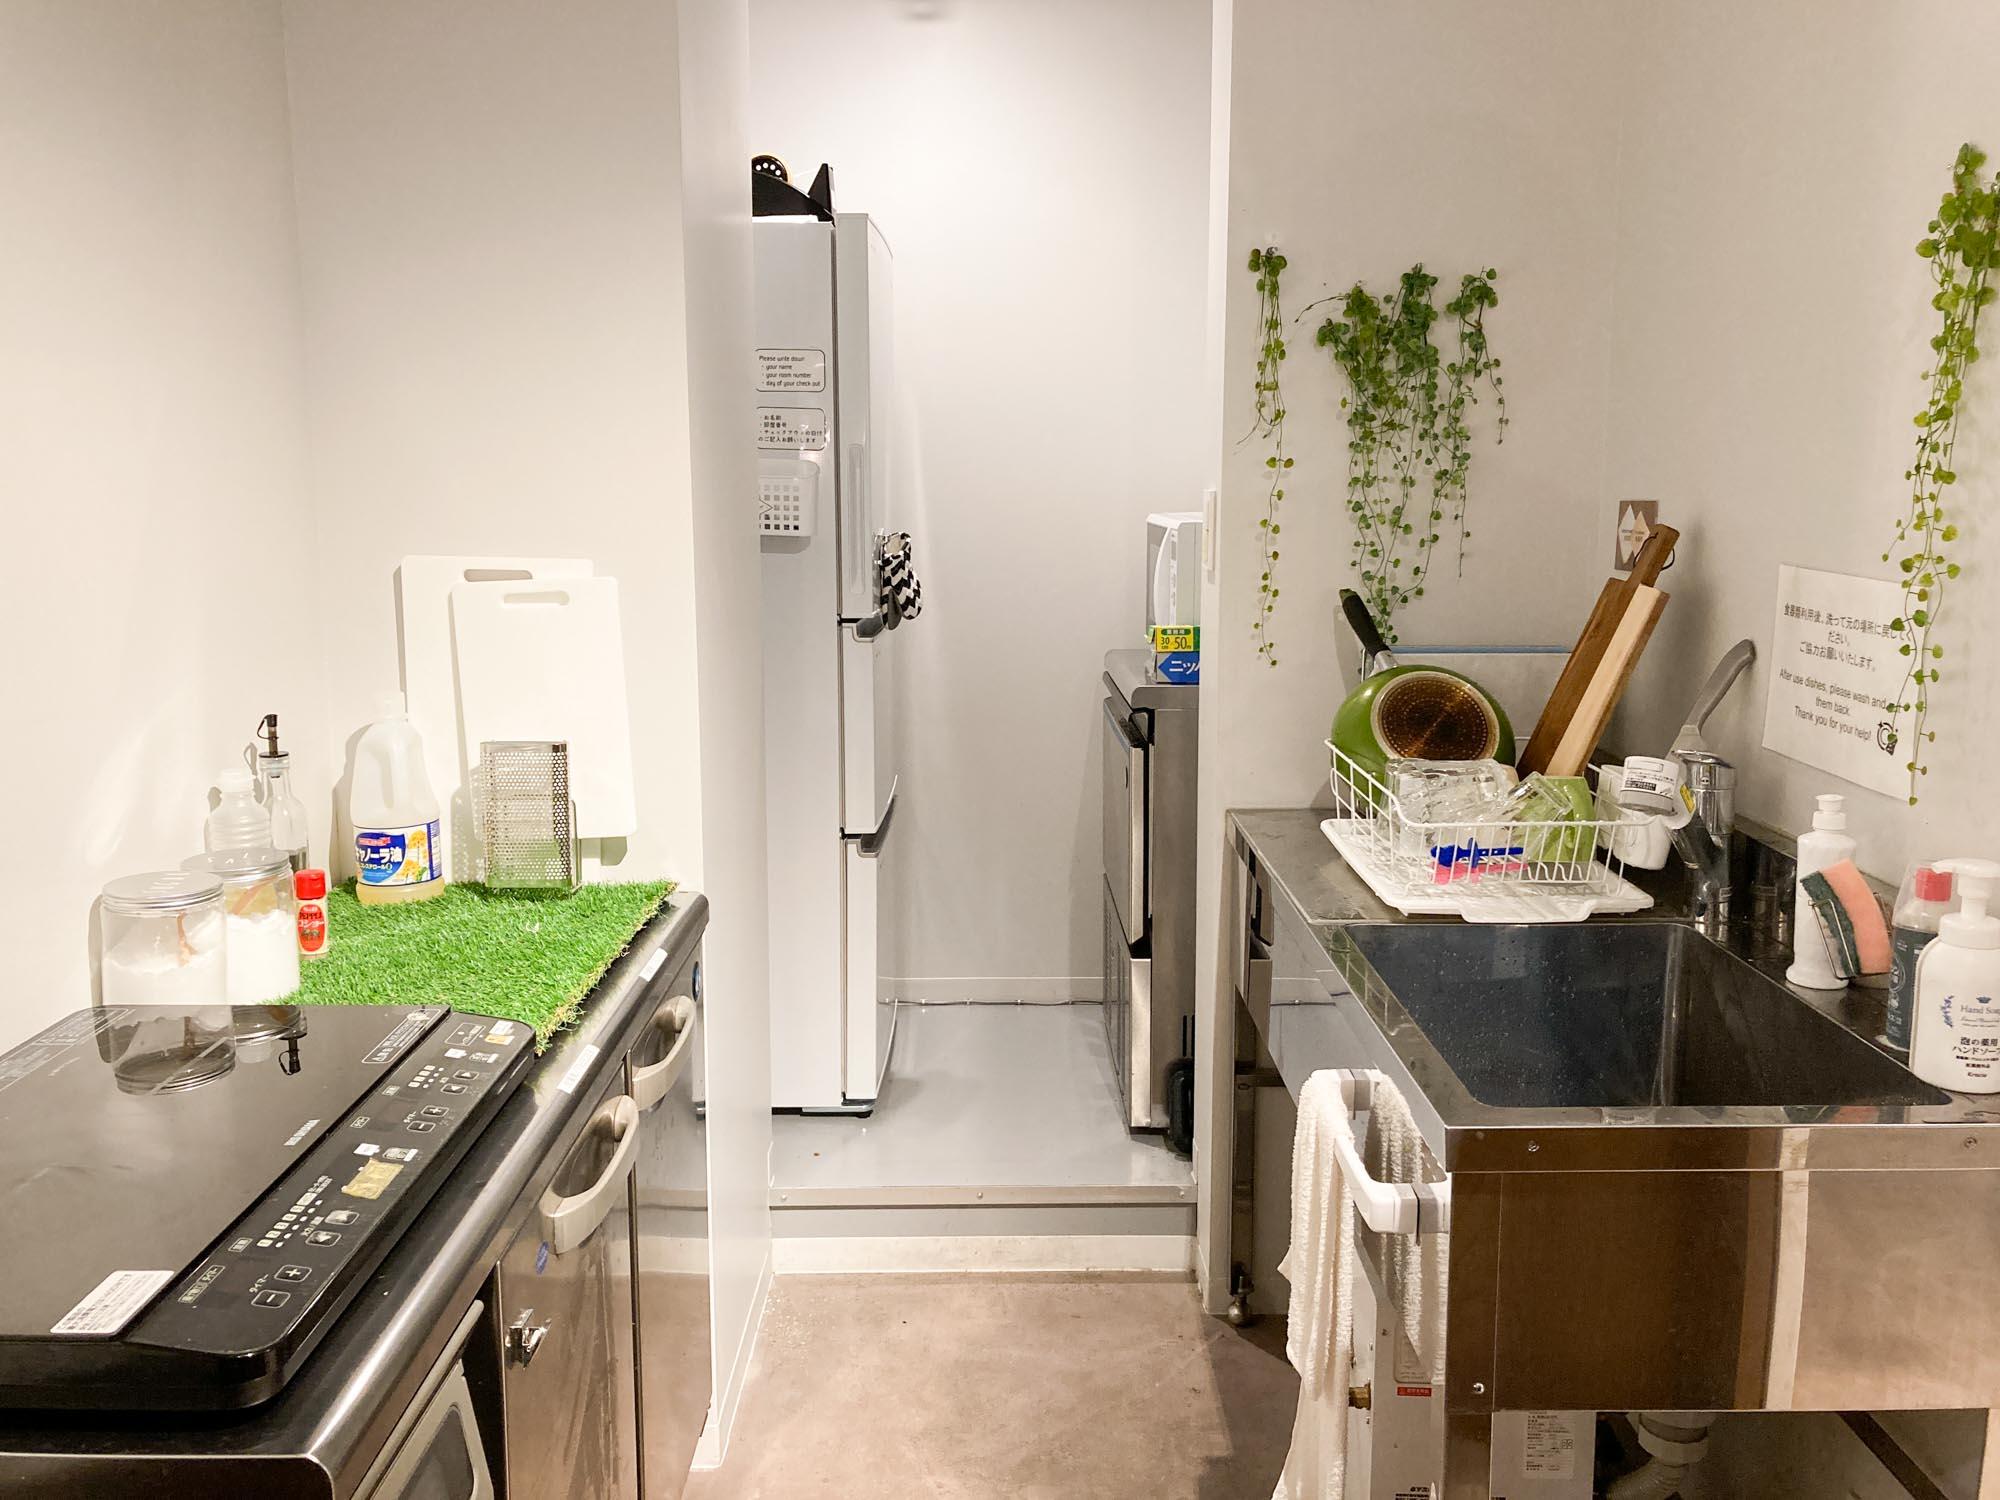 大きな冷蔵庫、シンク、IHコンロがあり、調理器具も揃っているので簡単な自炊ならこちらでできちゃいますよ。